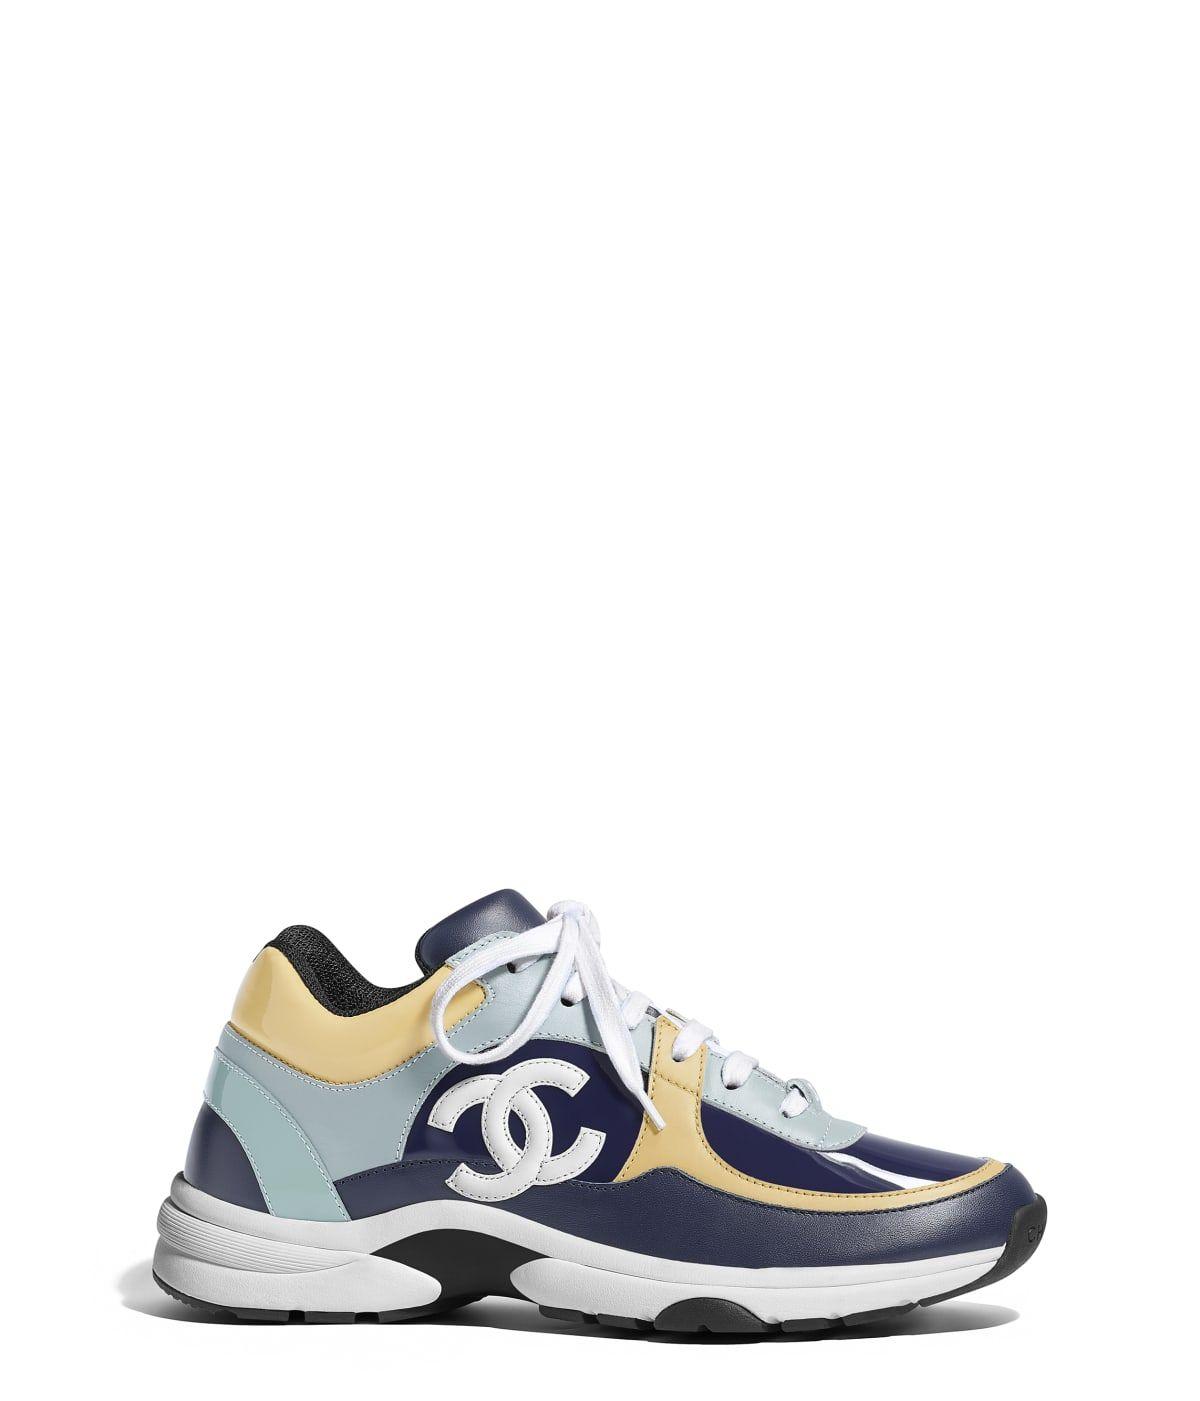 53b936595972 Chaussures CHANEL Mode de la collection  collectionName    Tennis, veau    veau verni, bleu marine, gris clair, jaune clair, blanc   bleu clair sur le  site ...